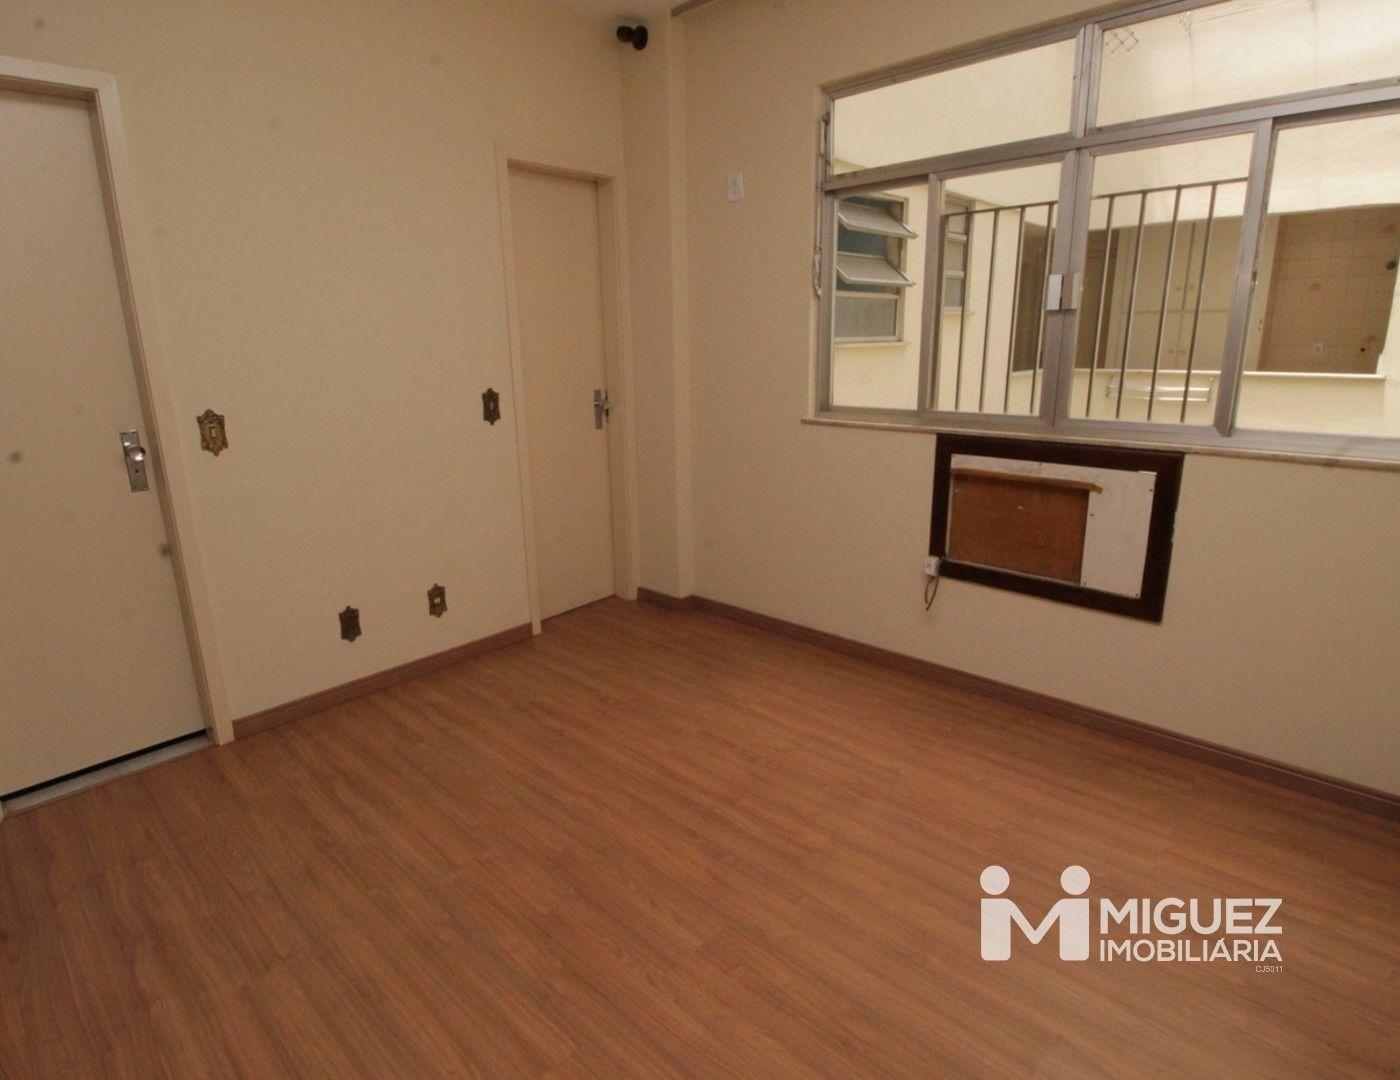 Apartamento, aluguel, Rua Santa Sofía - Tijuca , Rio de janeiro